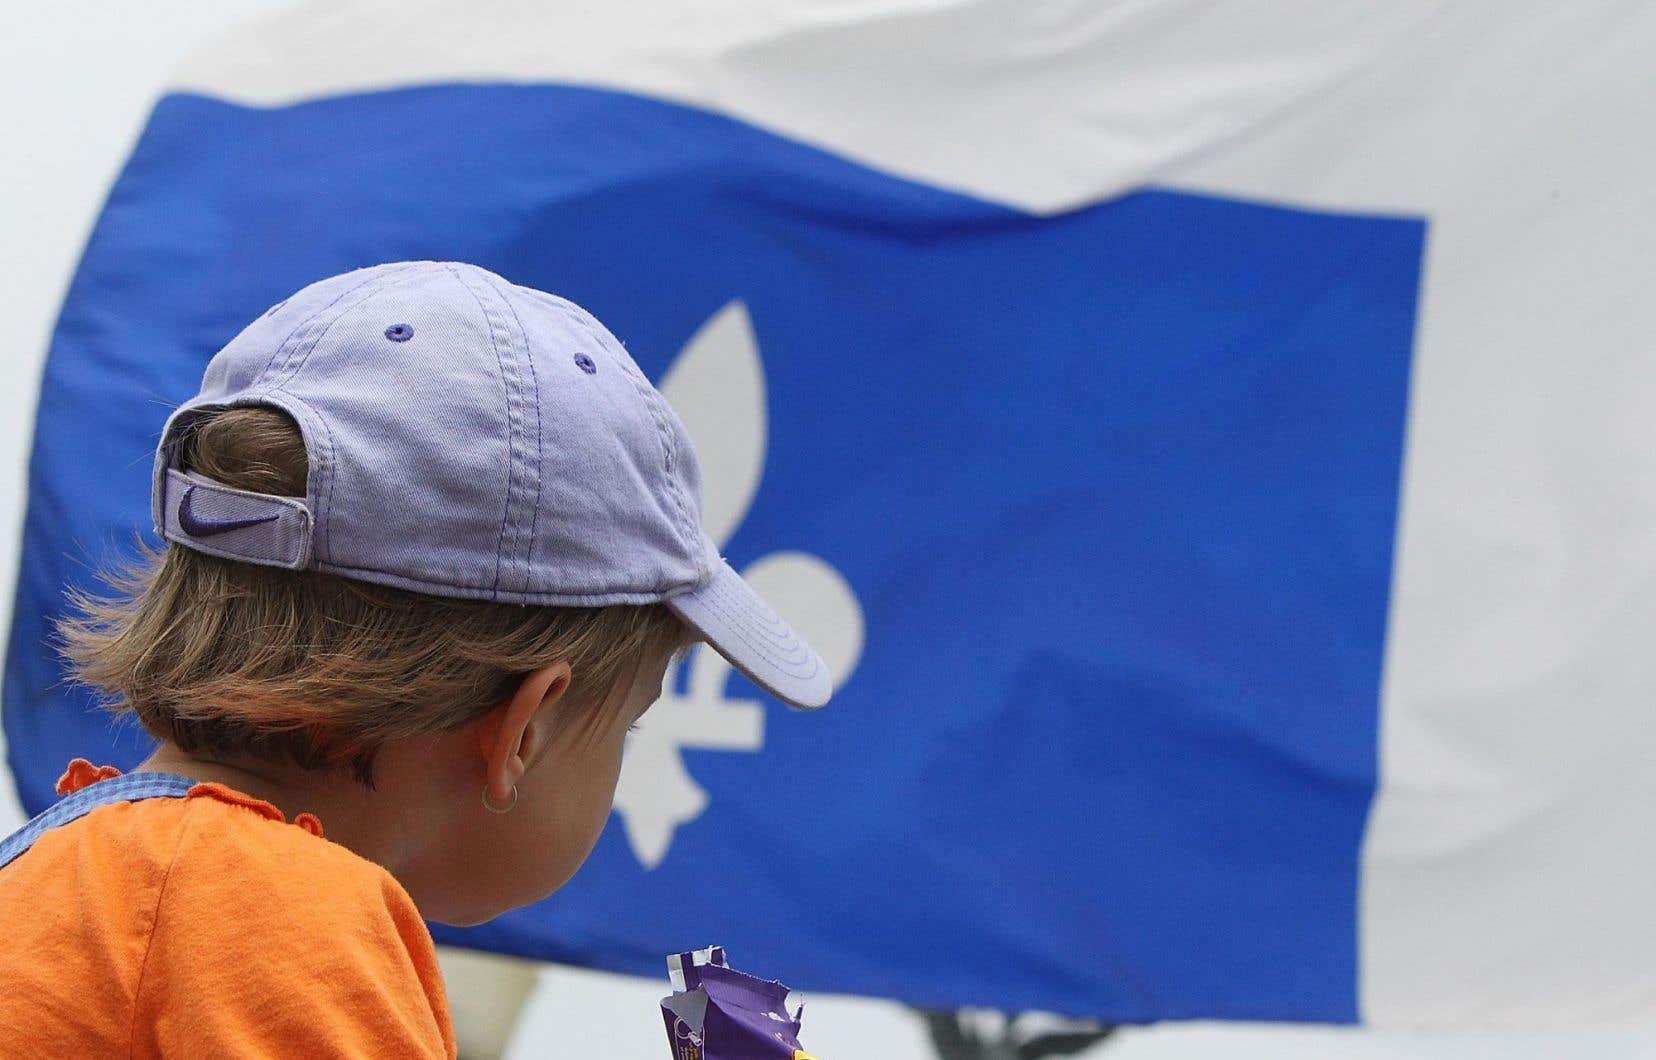 L'absence de porte-parole indépendantiste au sein de la communauté anglophone explique en partie le minime appui anglophone au projet de Pays du Québec, selon Jennifer Drouin.